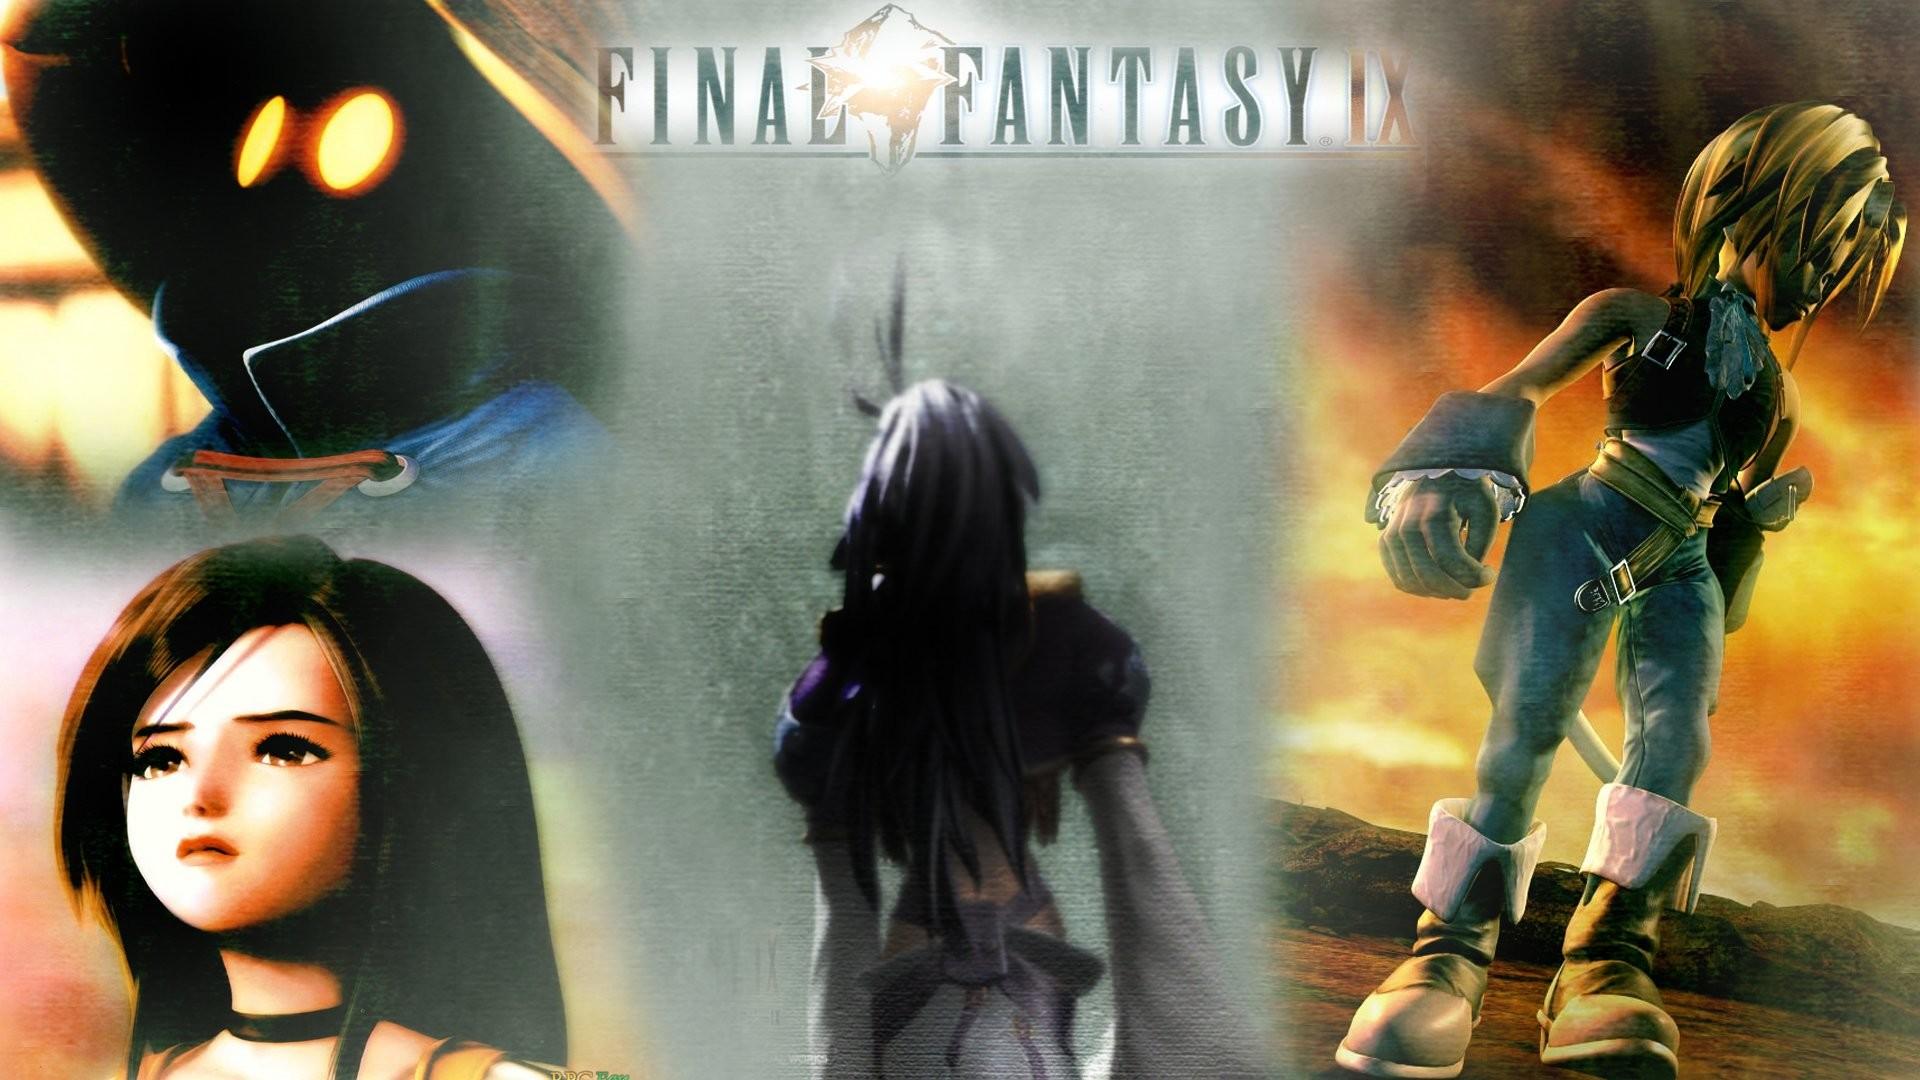 Final Fantasy Ix Wallpapers Wallpapertag